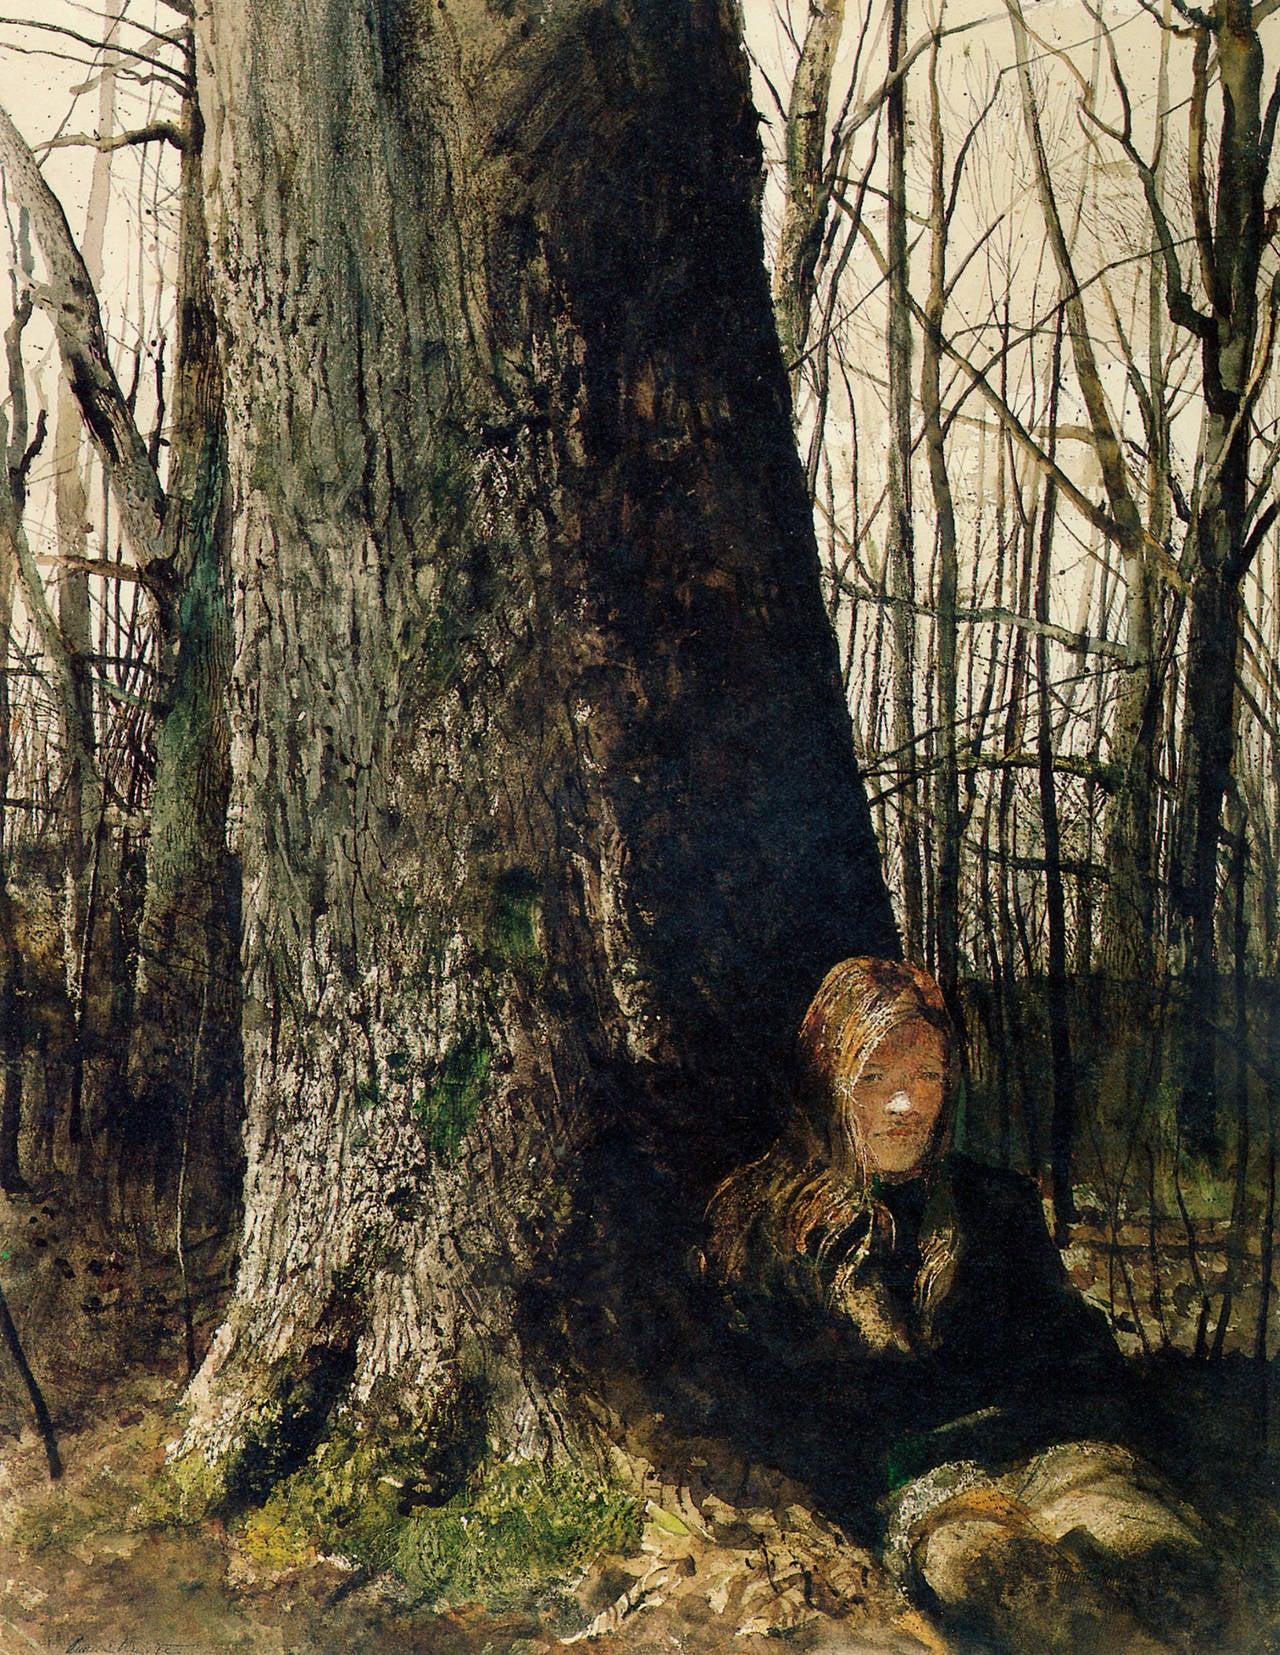 Andrew trees